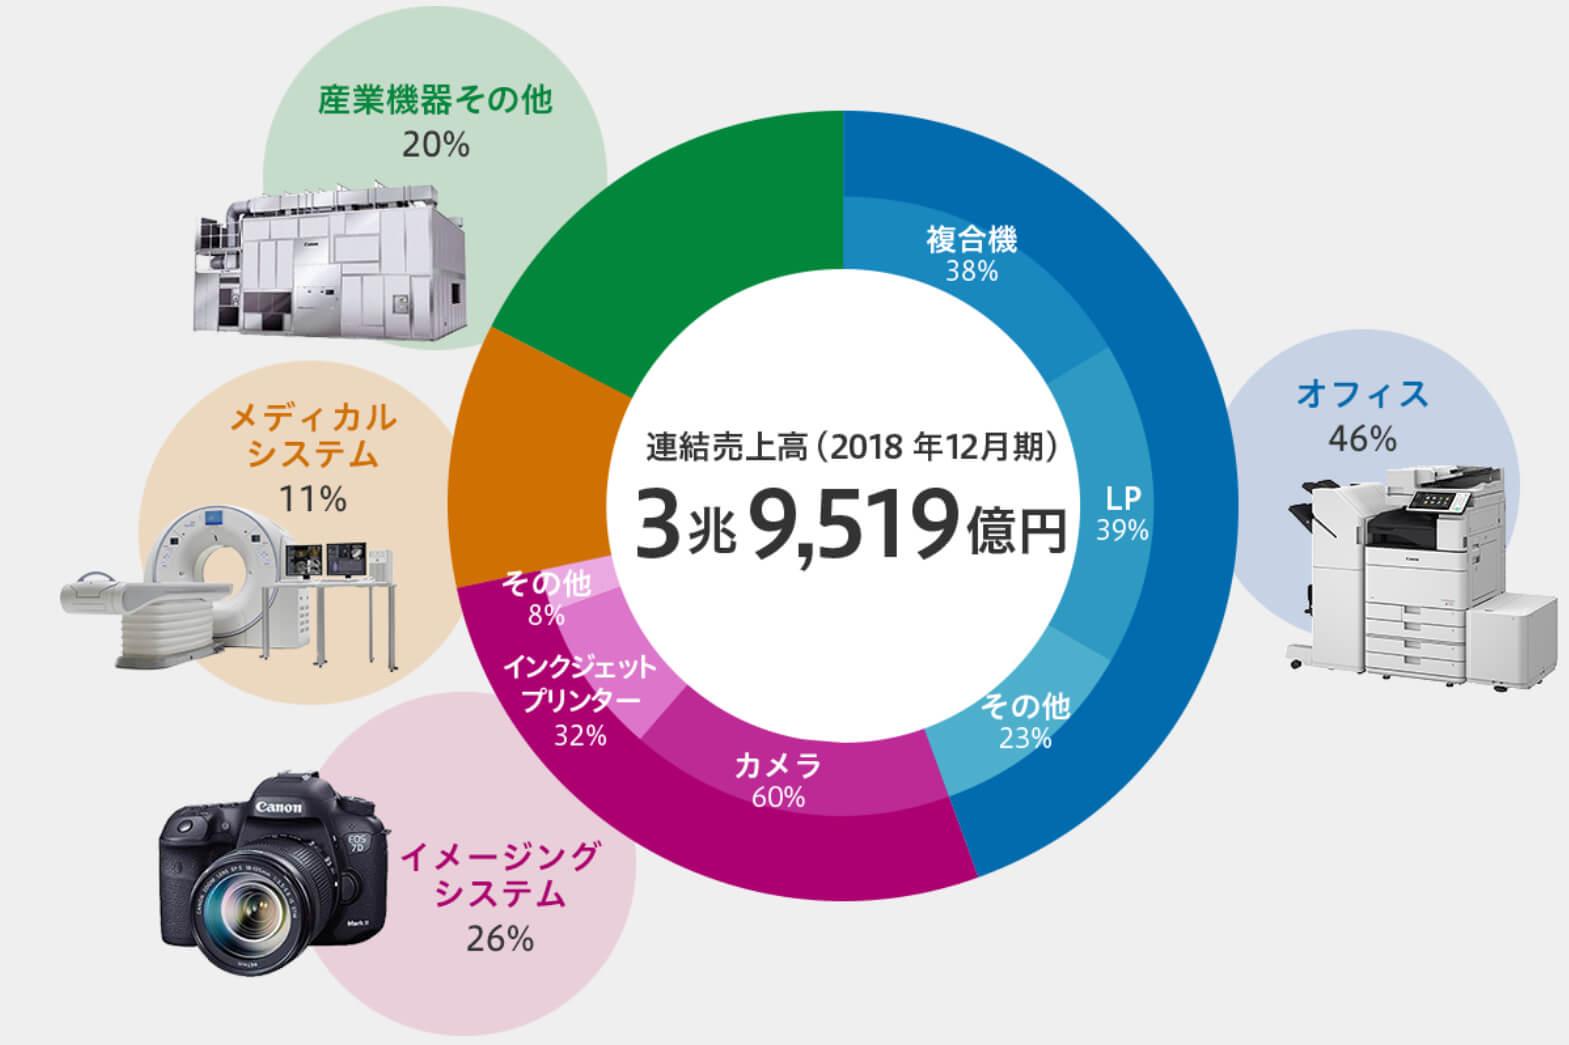 キヤノン 株価